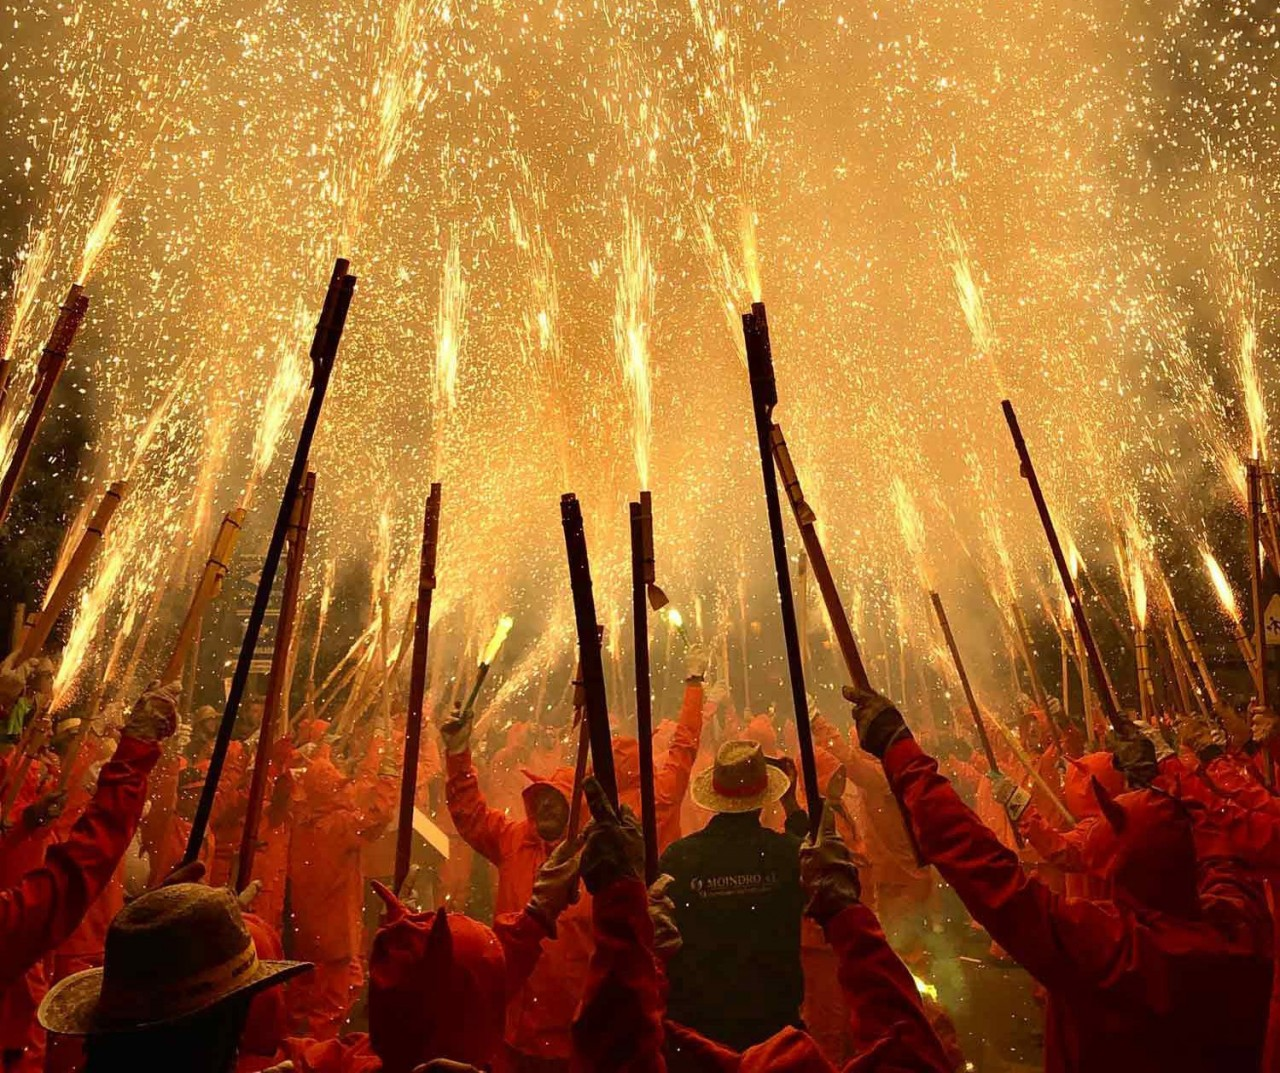 1 место в категории «Новости и события». «Демоны освещают небо». Патерна, Испания. Автор Фернандо Мерло